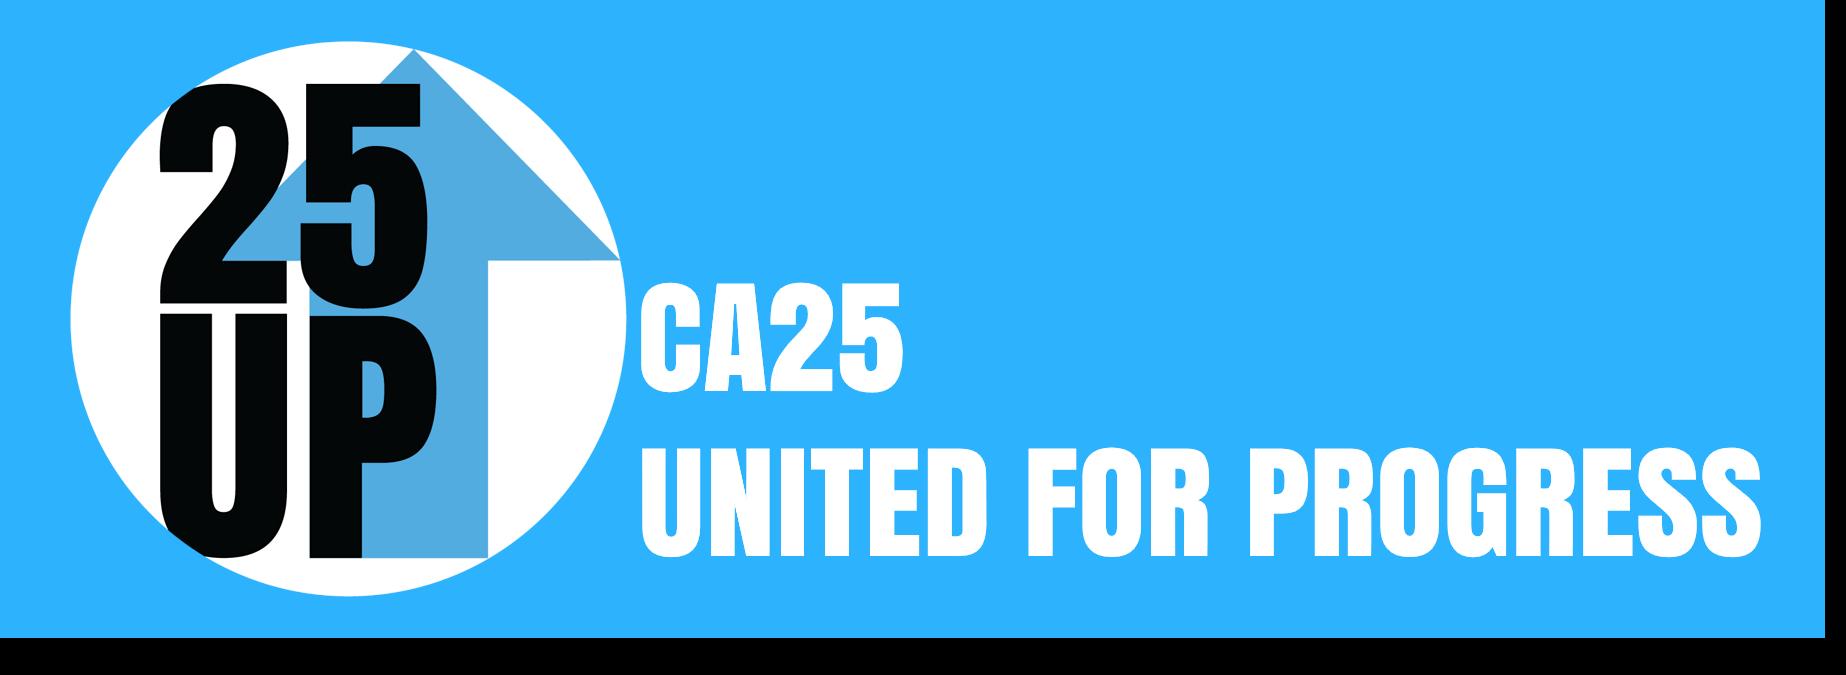 CA25UP